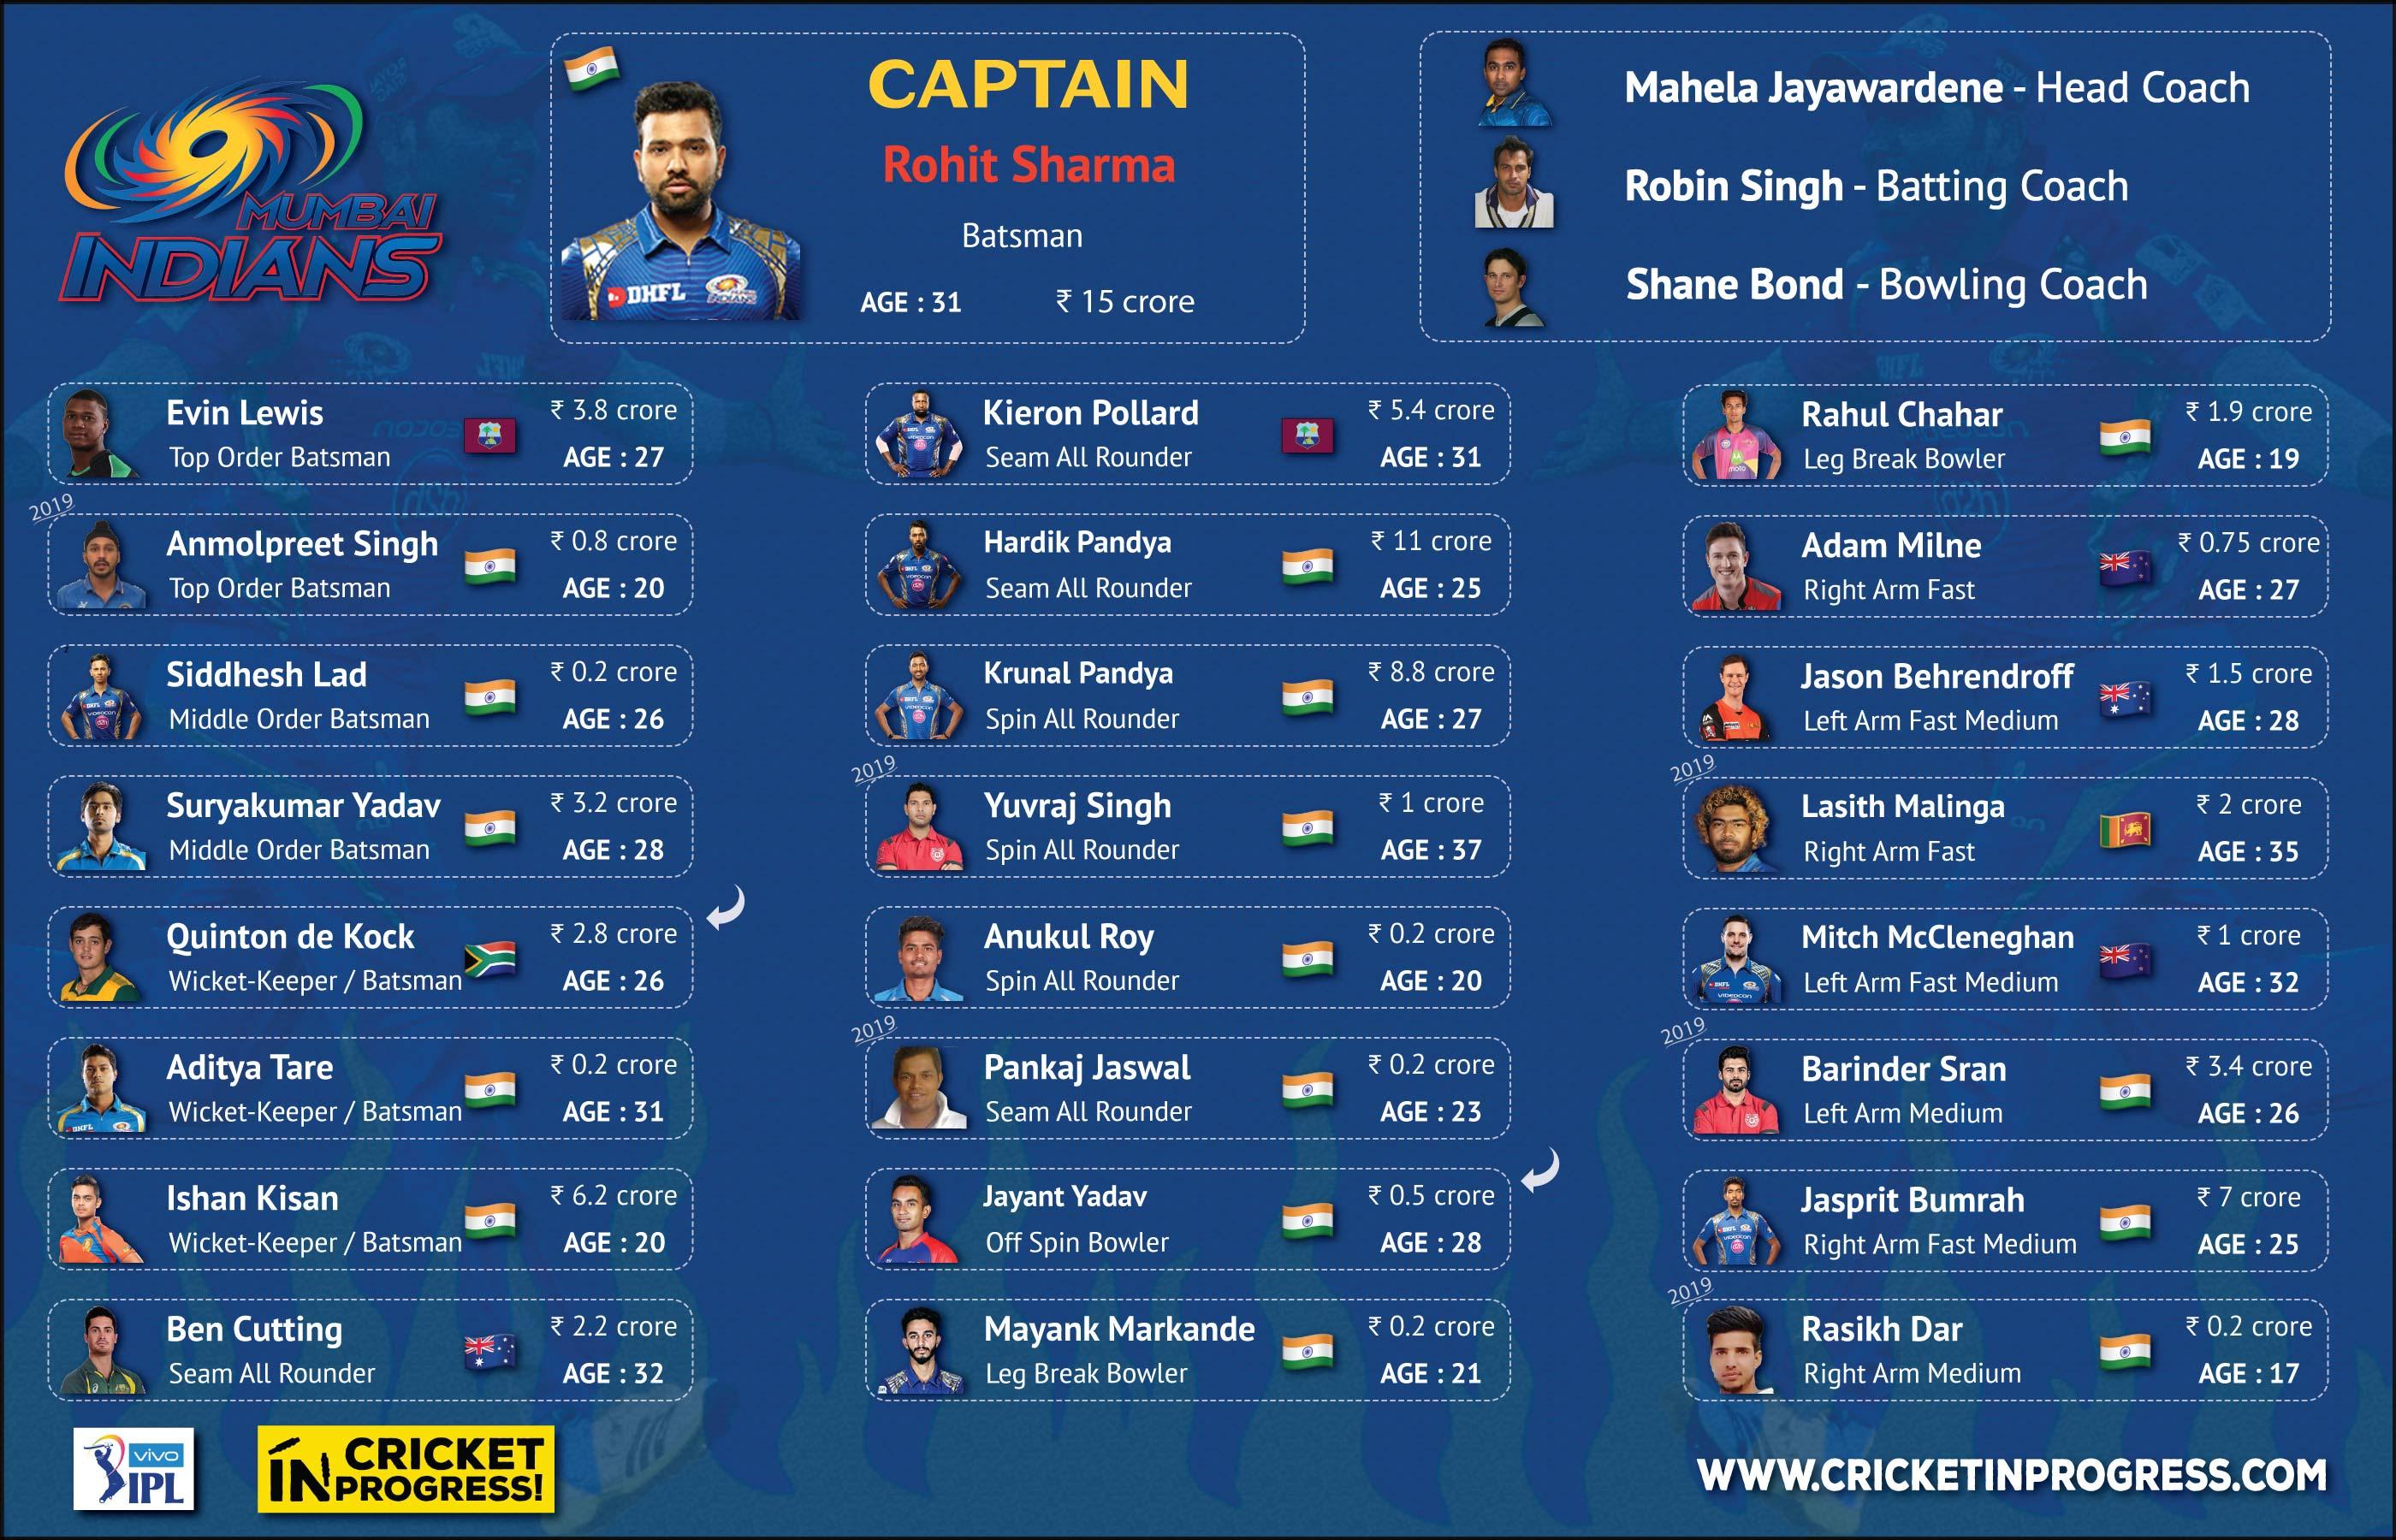 IPL 2019 MI Roster